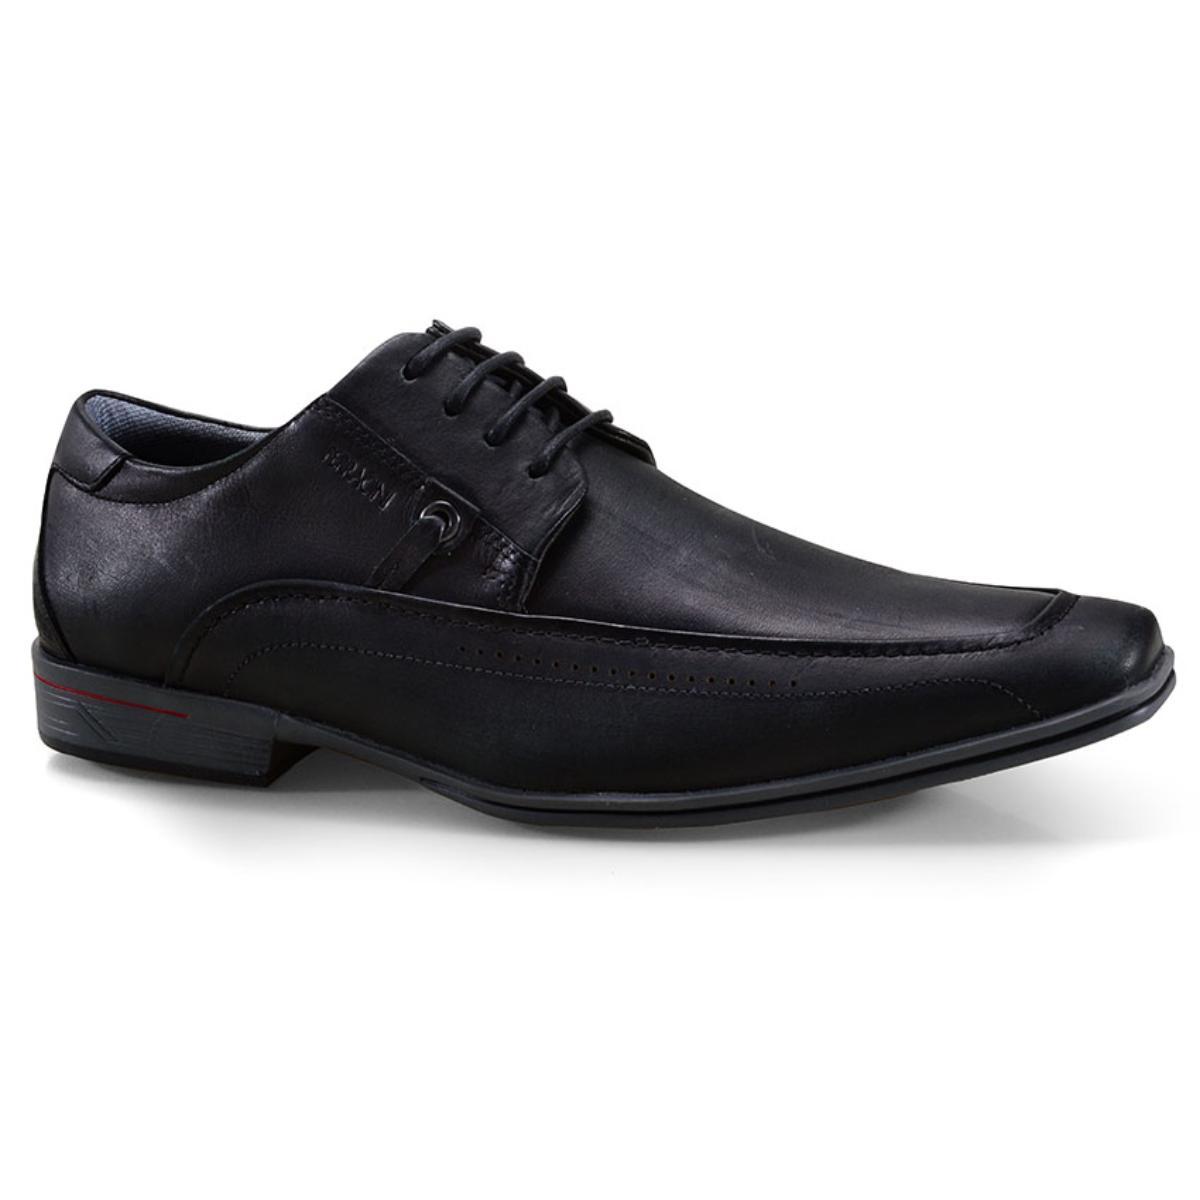 Sapato Masculino Ferracini 3041-281h Preto